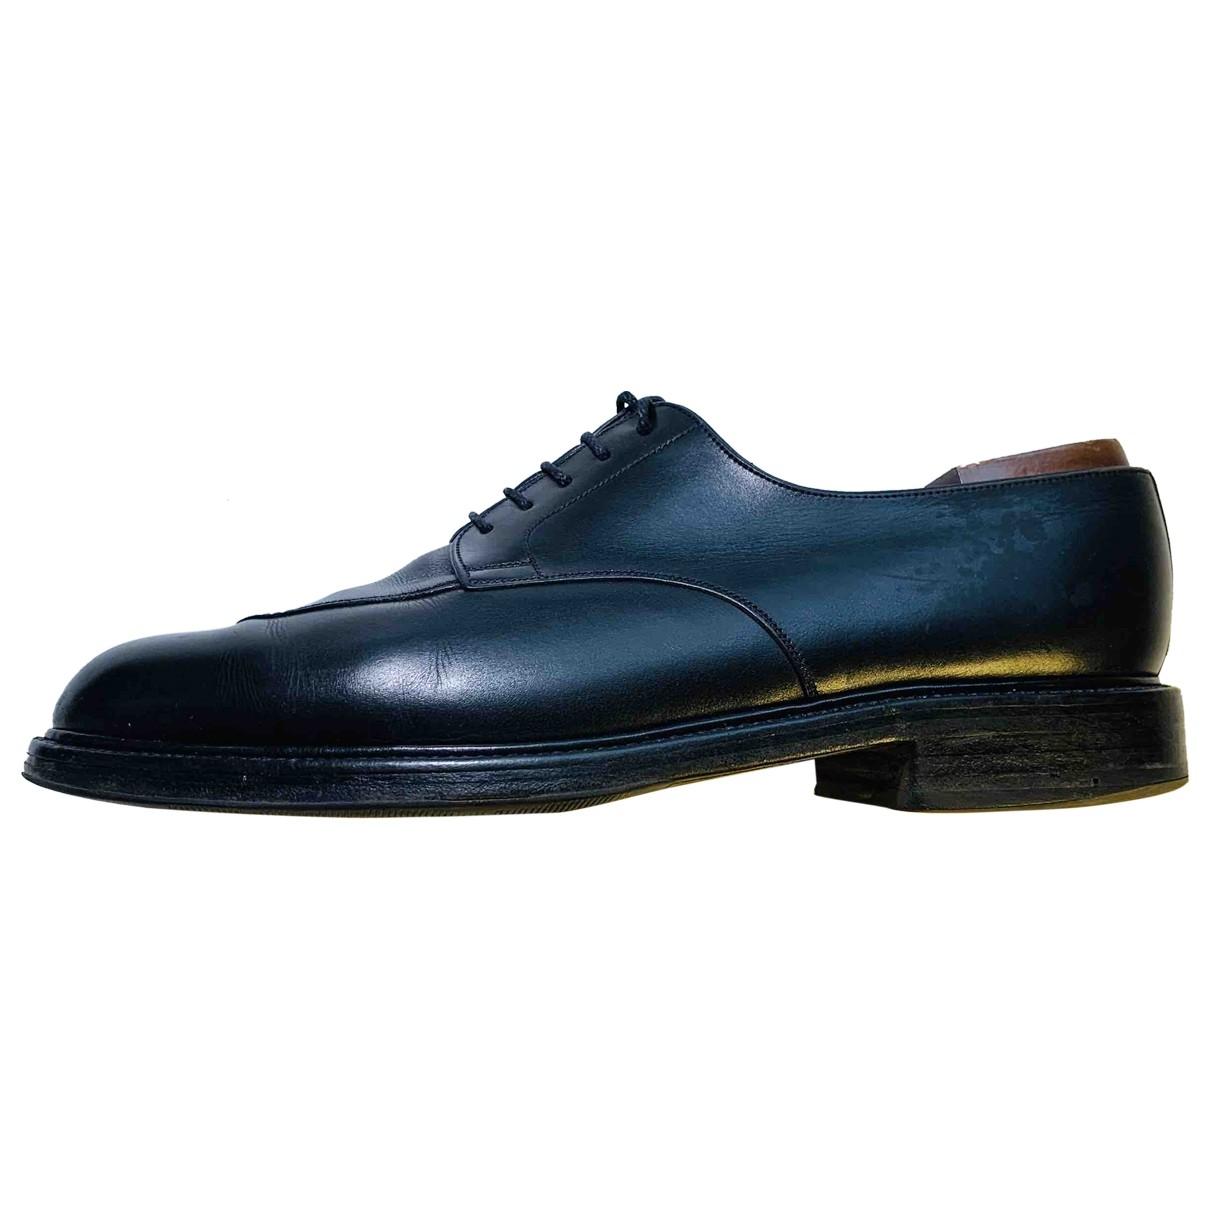 Jm Weston \N Black Leather Lace ups for Men 9.5 UK